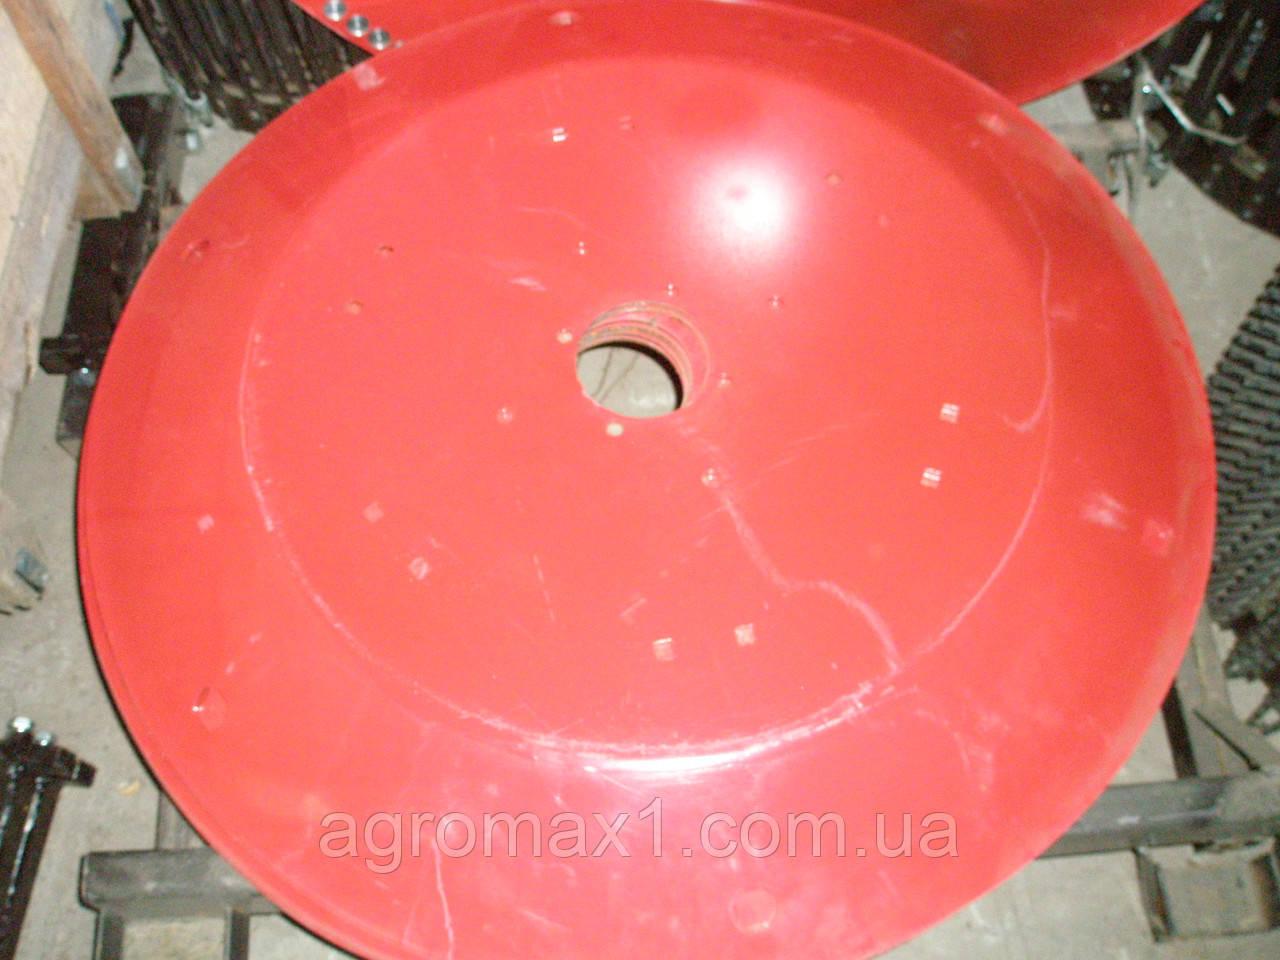 Тарелка рабочая верхняя 1.65 м для косилки роторной